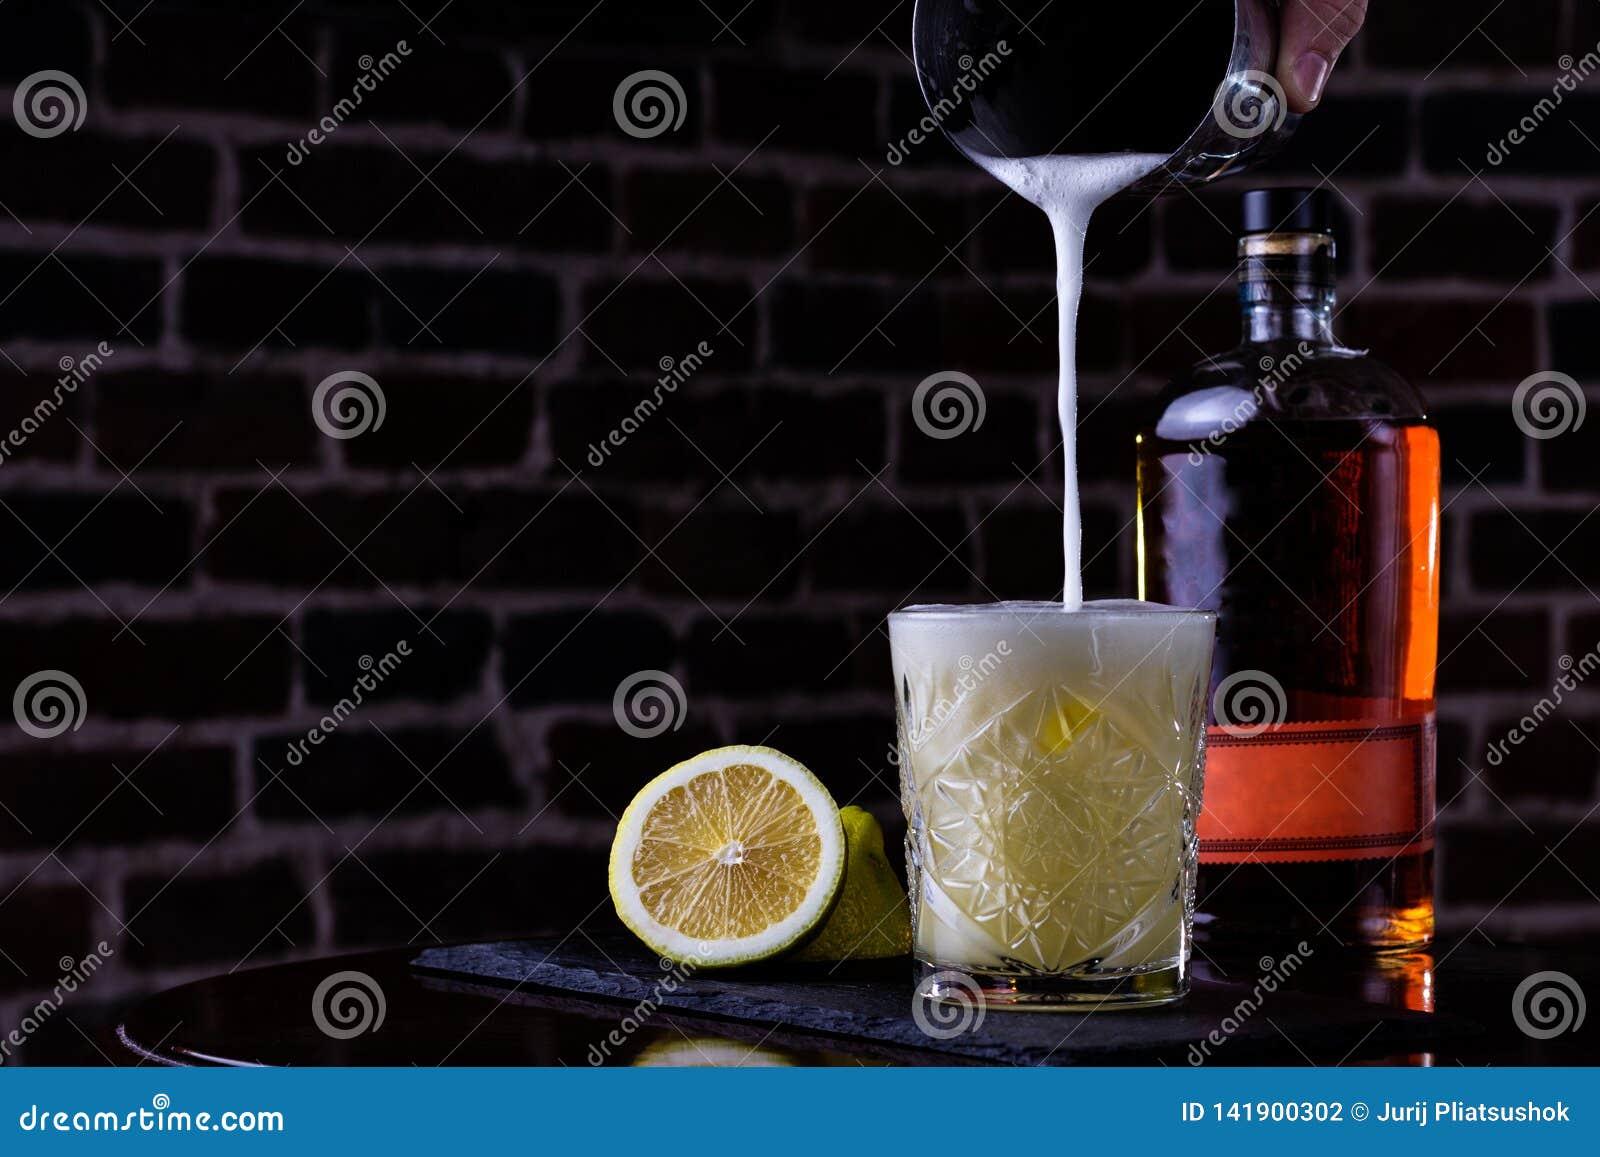 Μια κλασική συνταγή για το ουίσκυ ξινό - το μπέρμπον, το σιρόπι καλάμων και το χυμό λεμονιών, που διακοσμούνται με με το πορτοκάλ